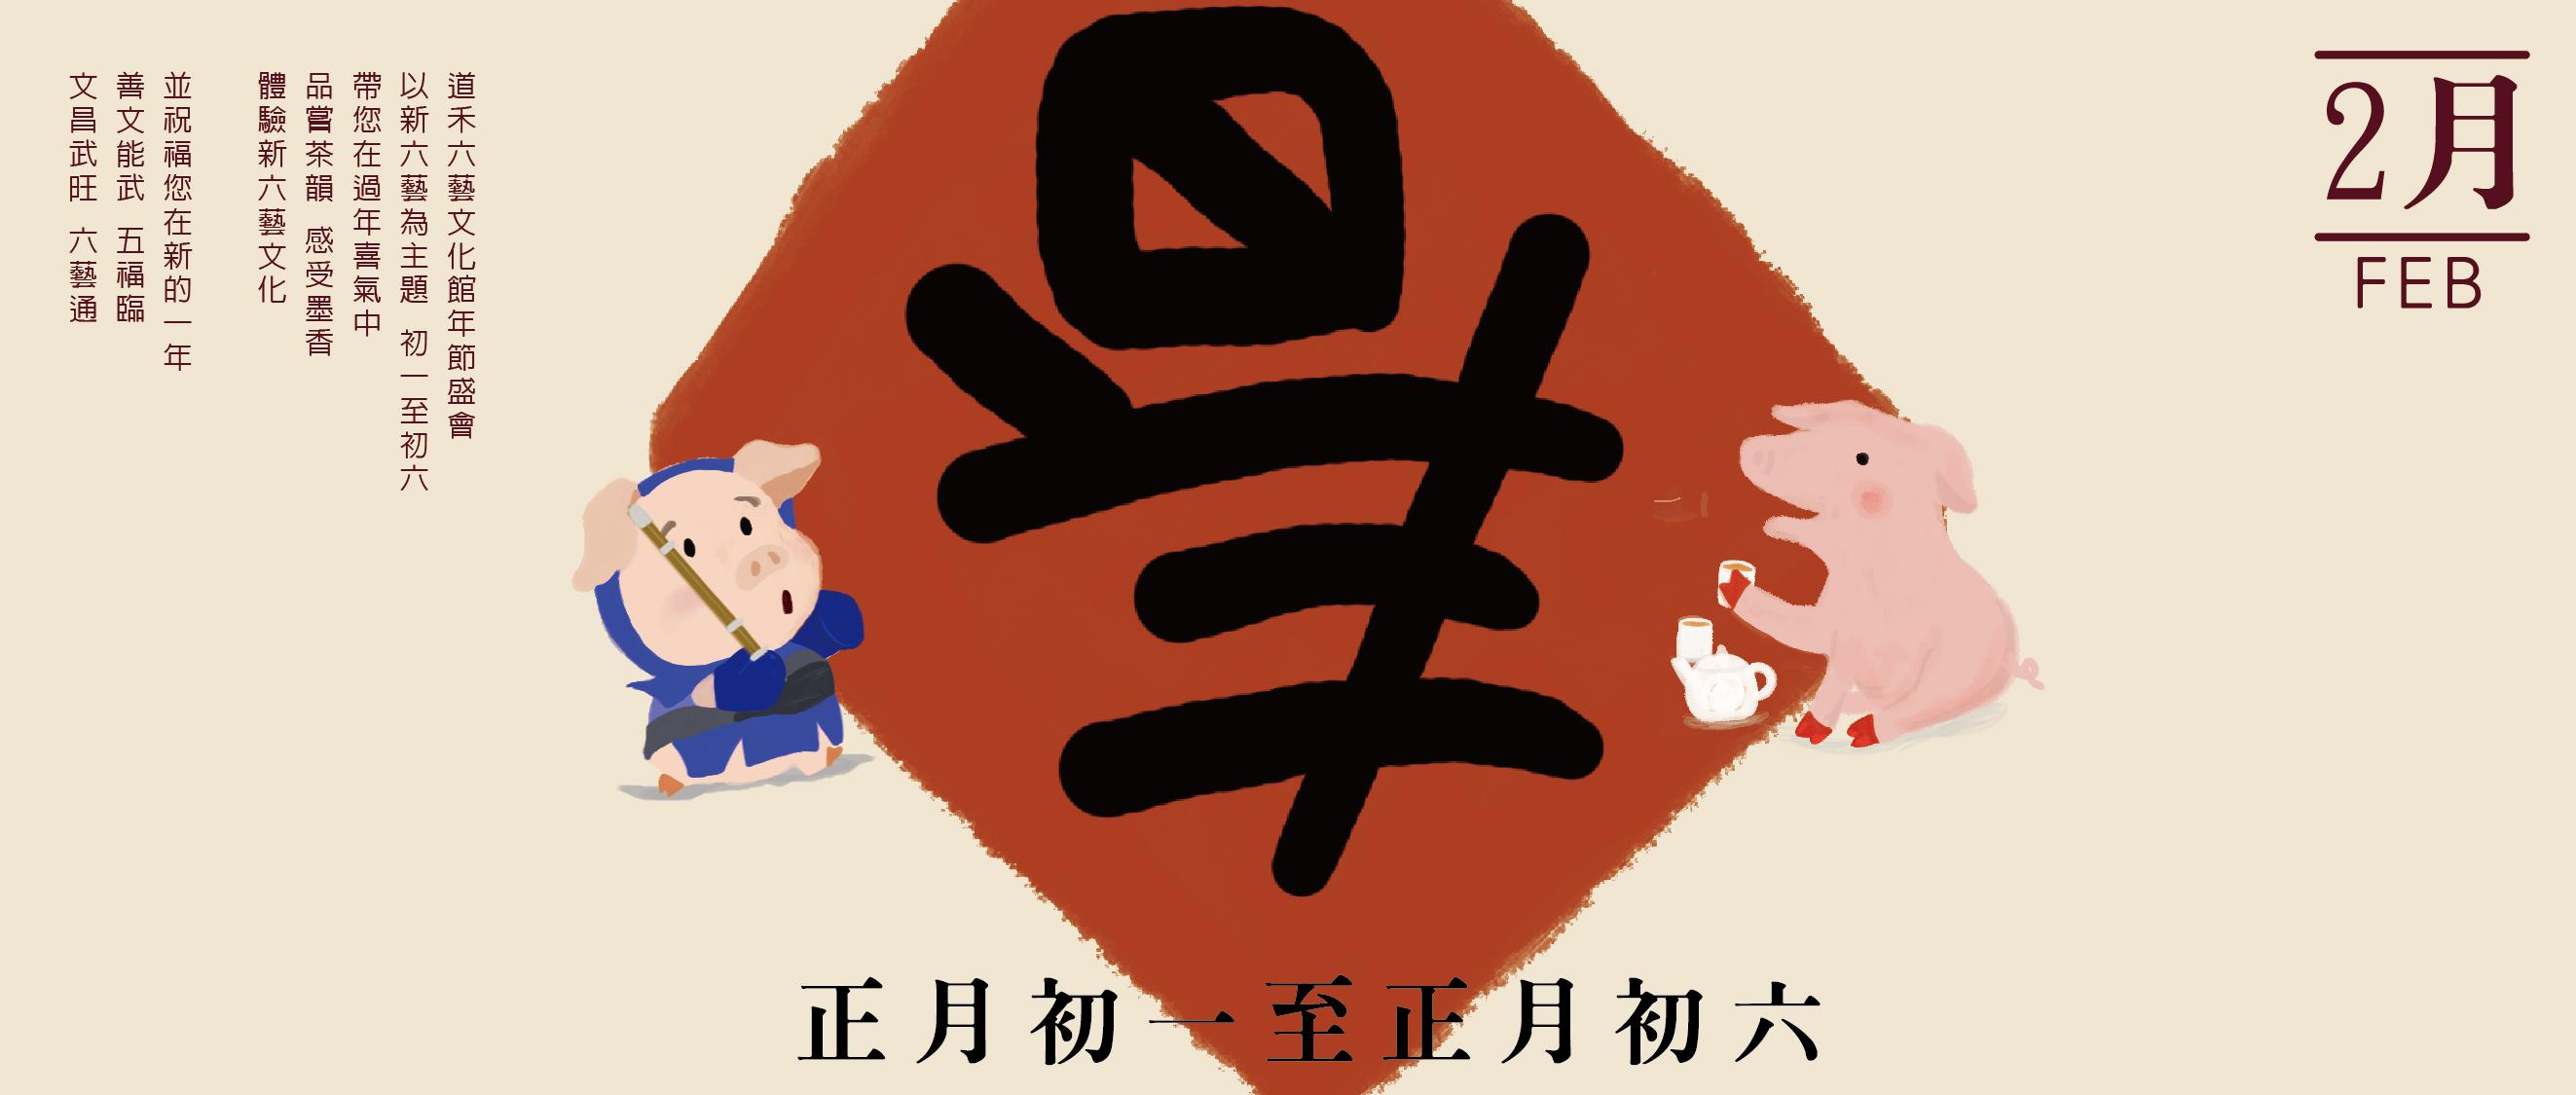 金豬迎春六藝遊